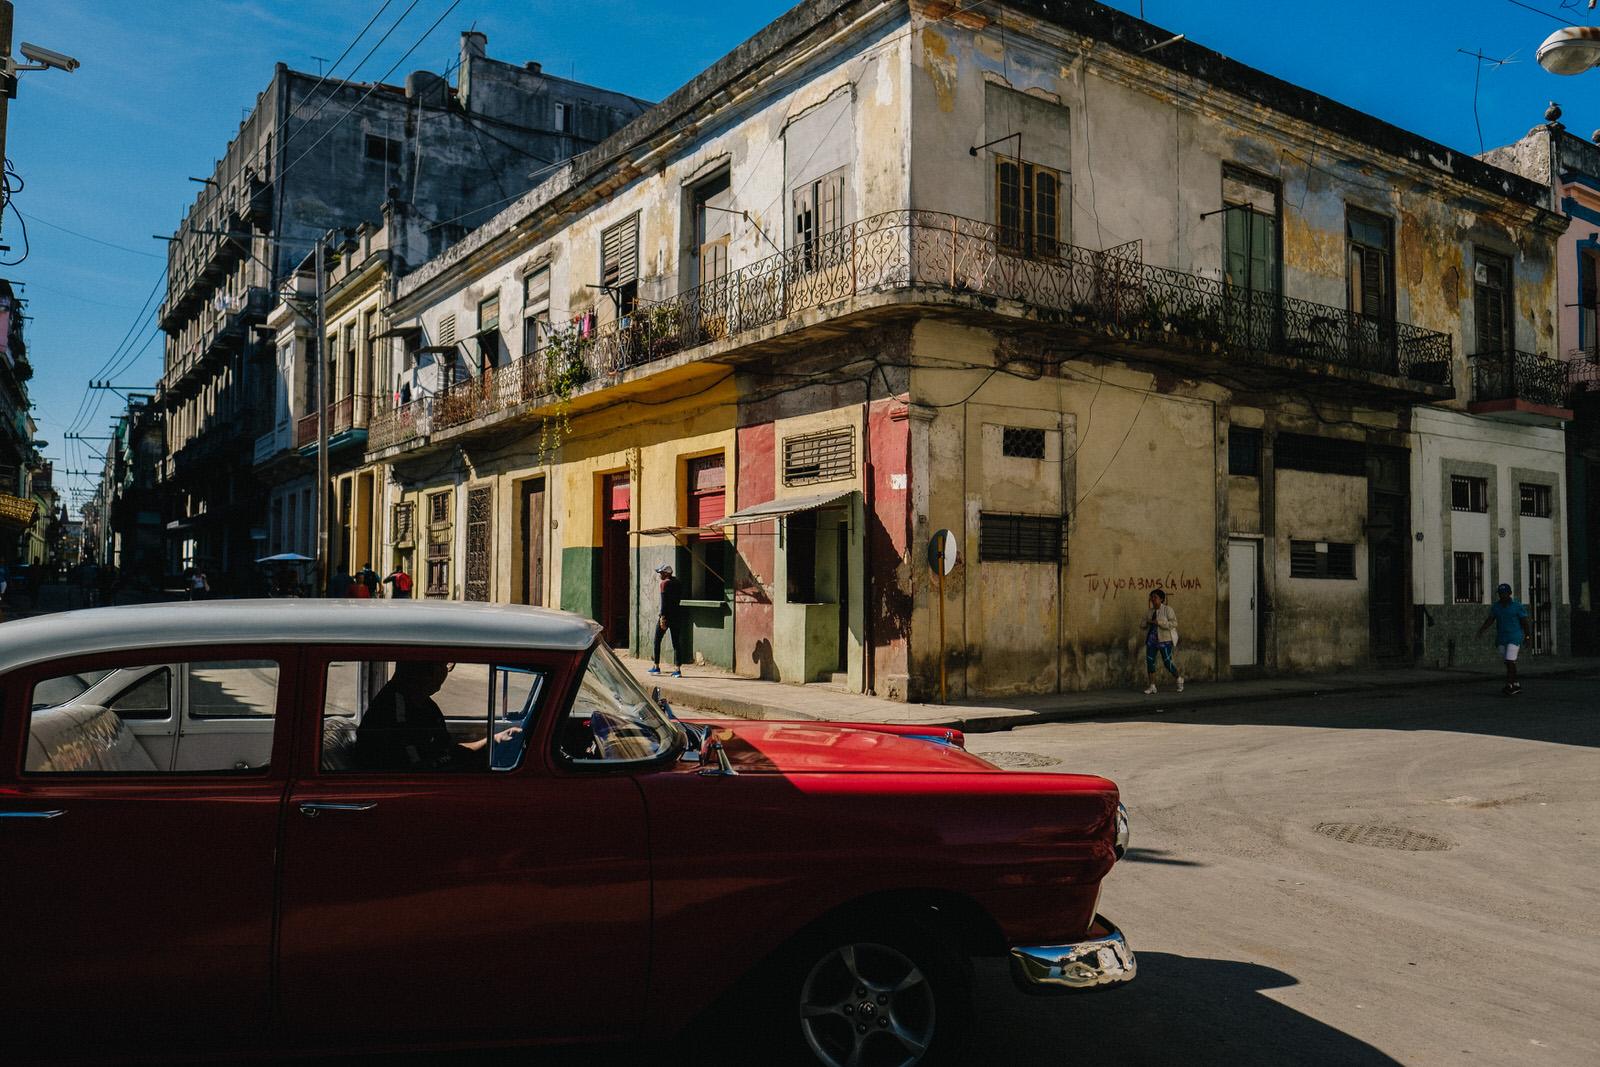 Cuba2019-557.jpg